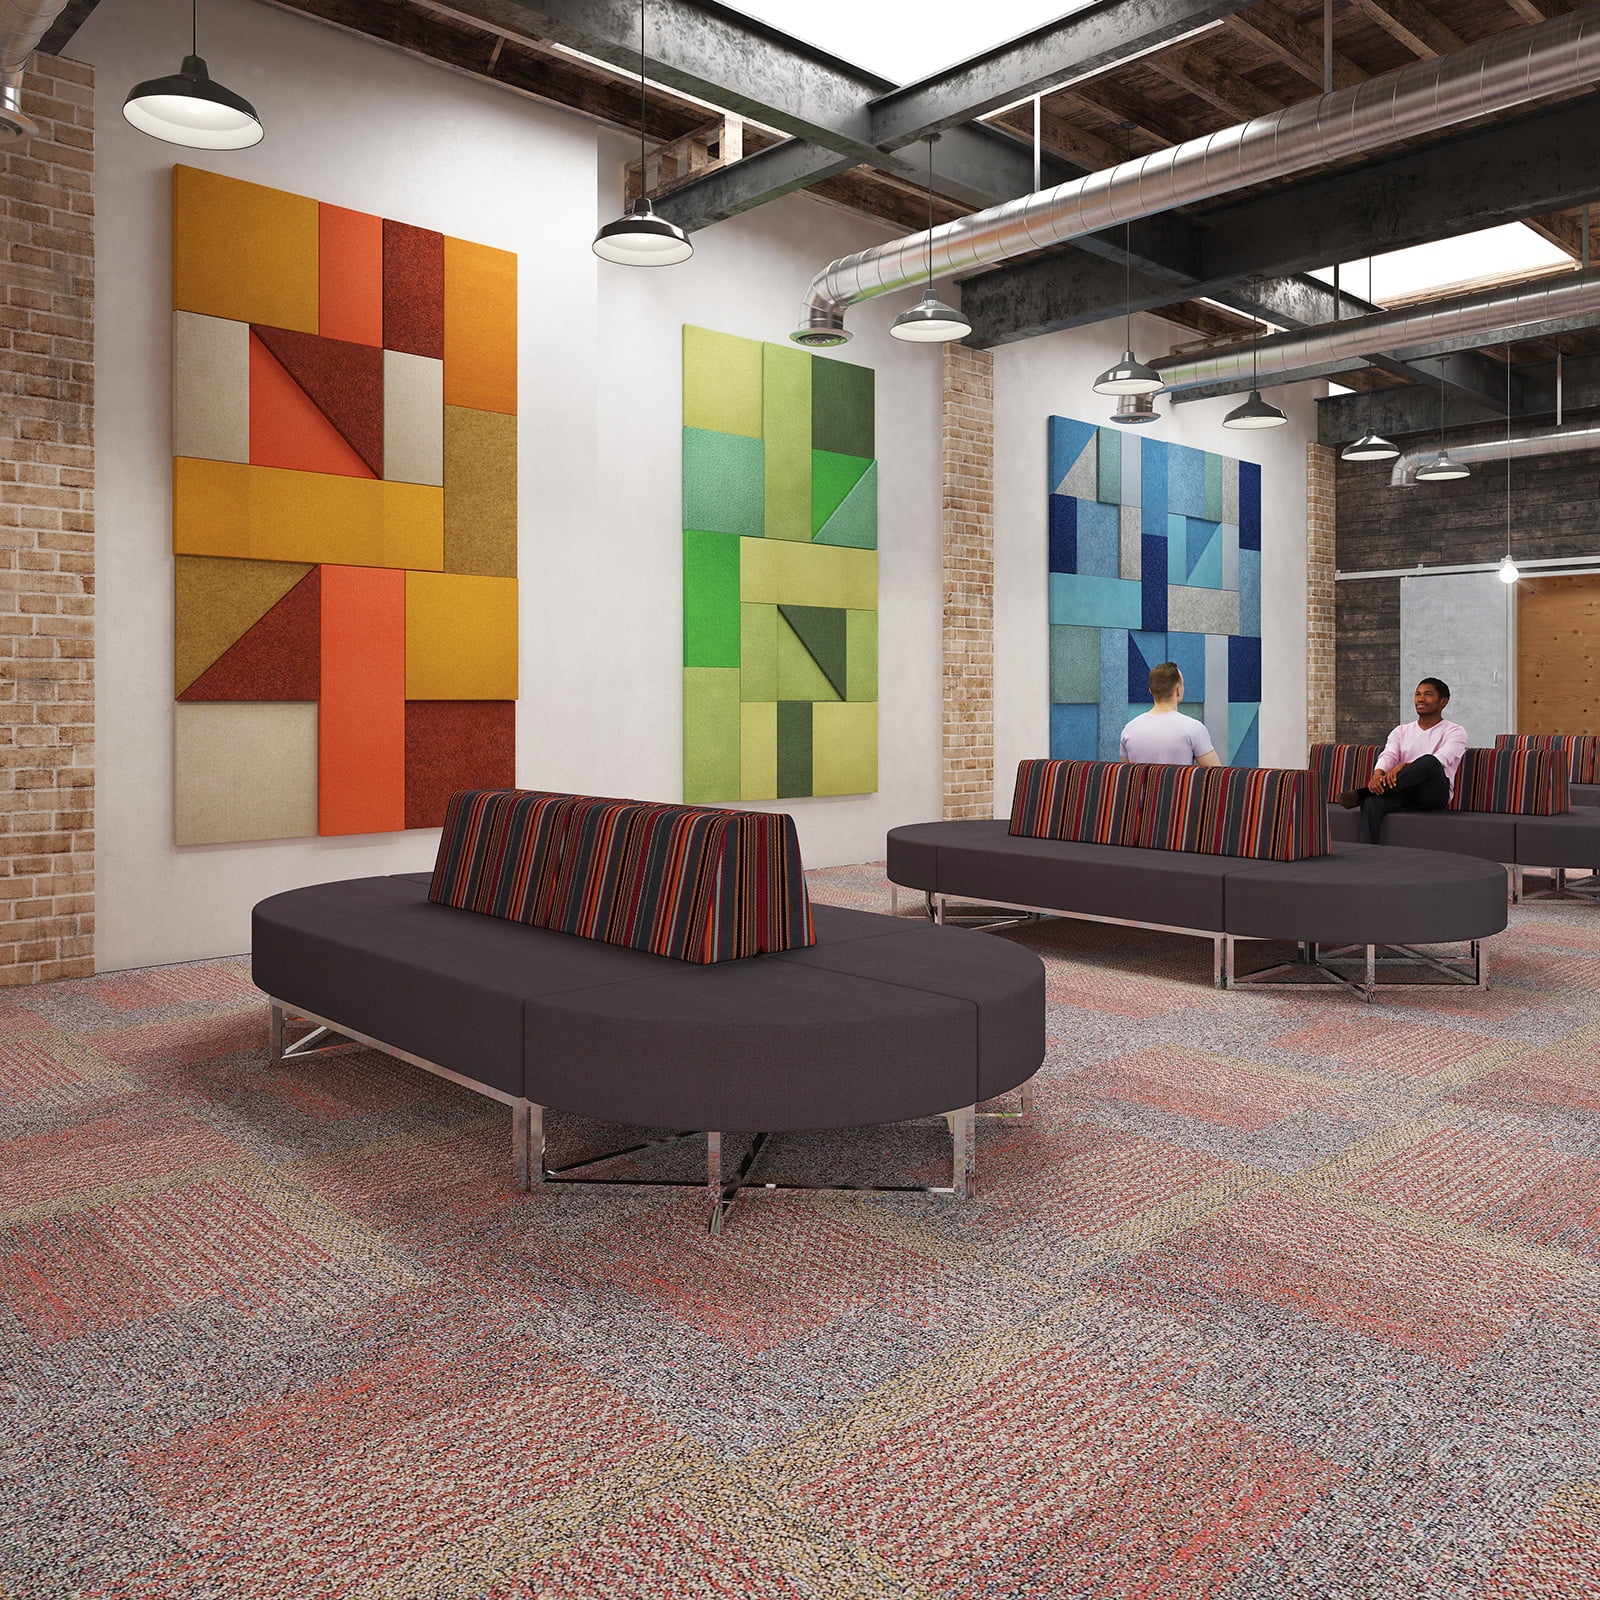 Nera Modular shown in a modern office